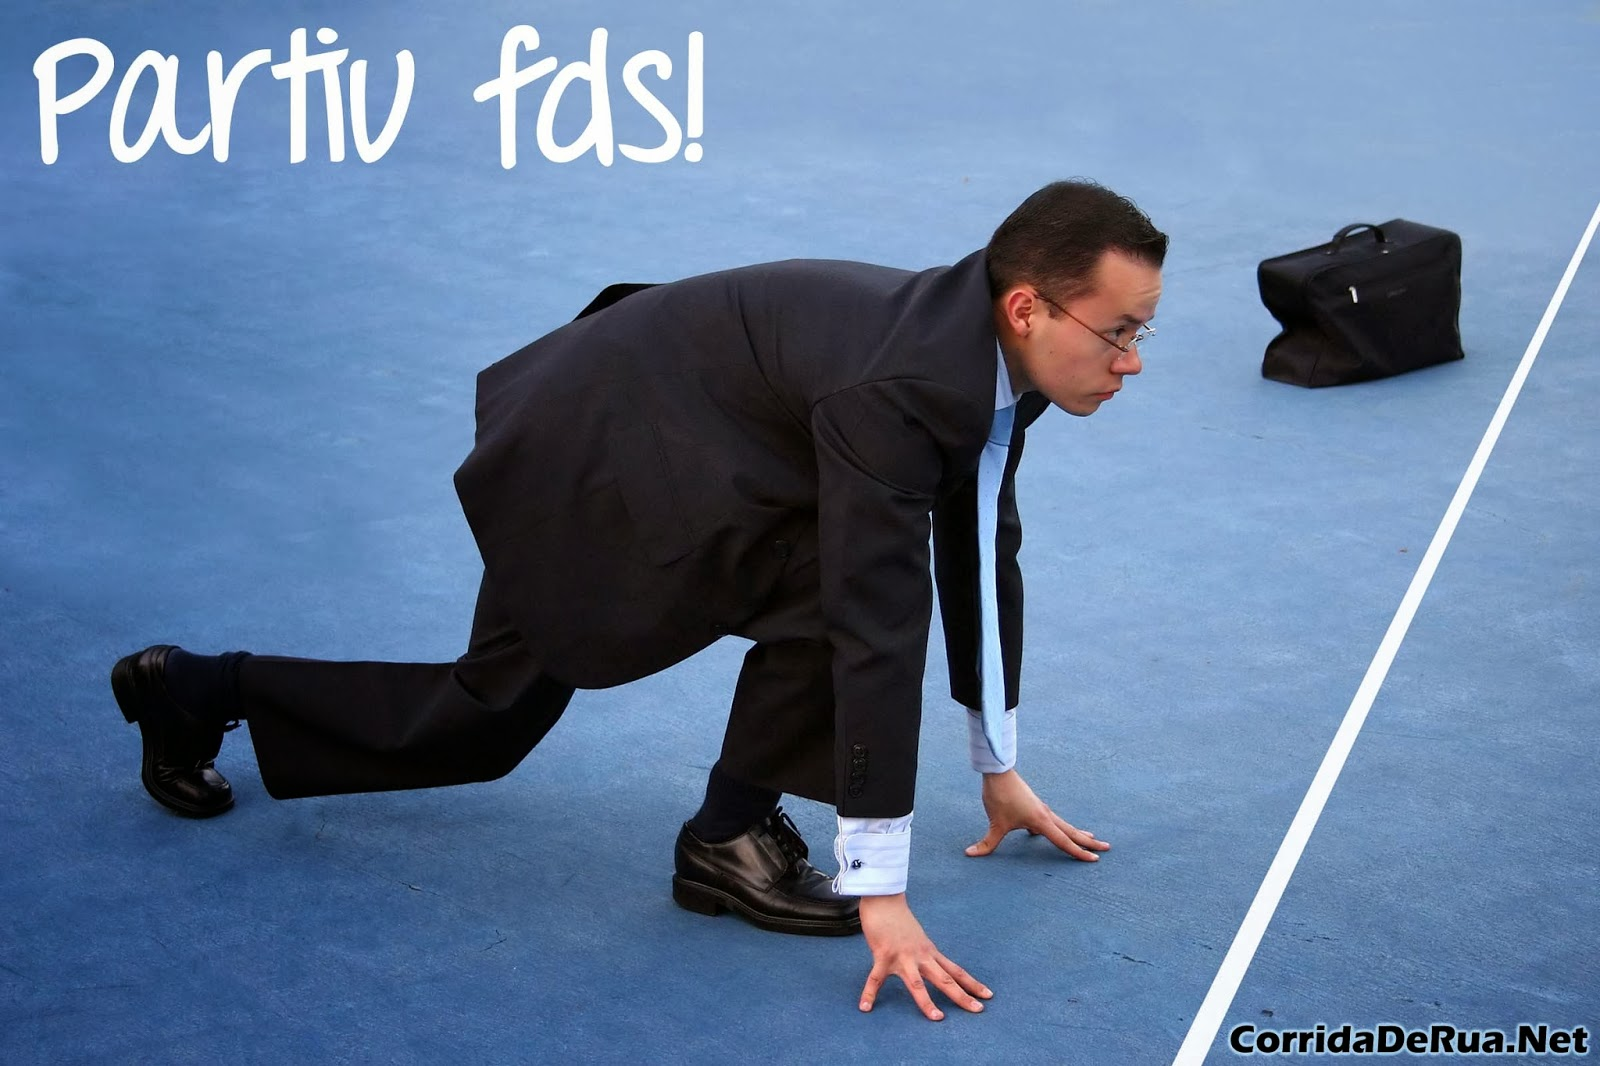 #Partiu FDS! Corrida de Rua